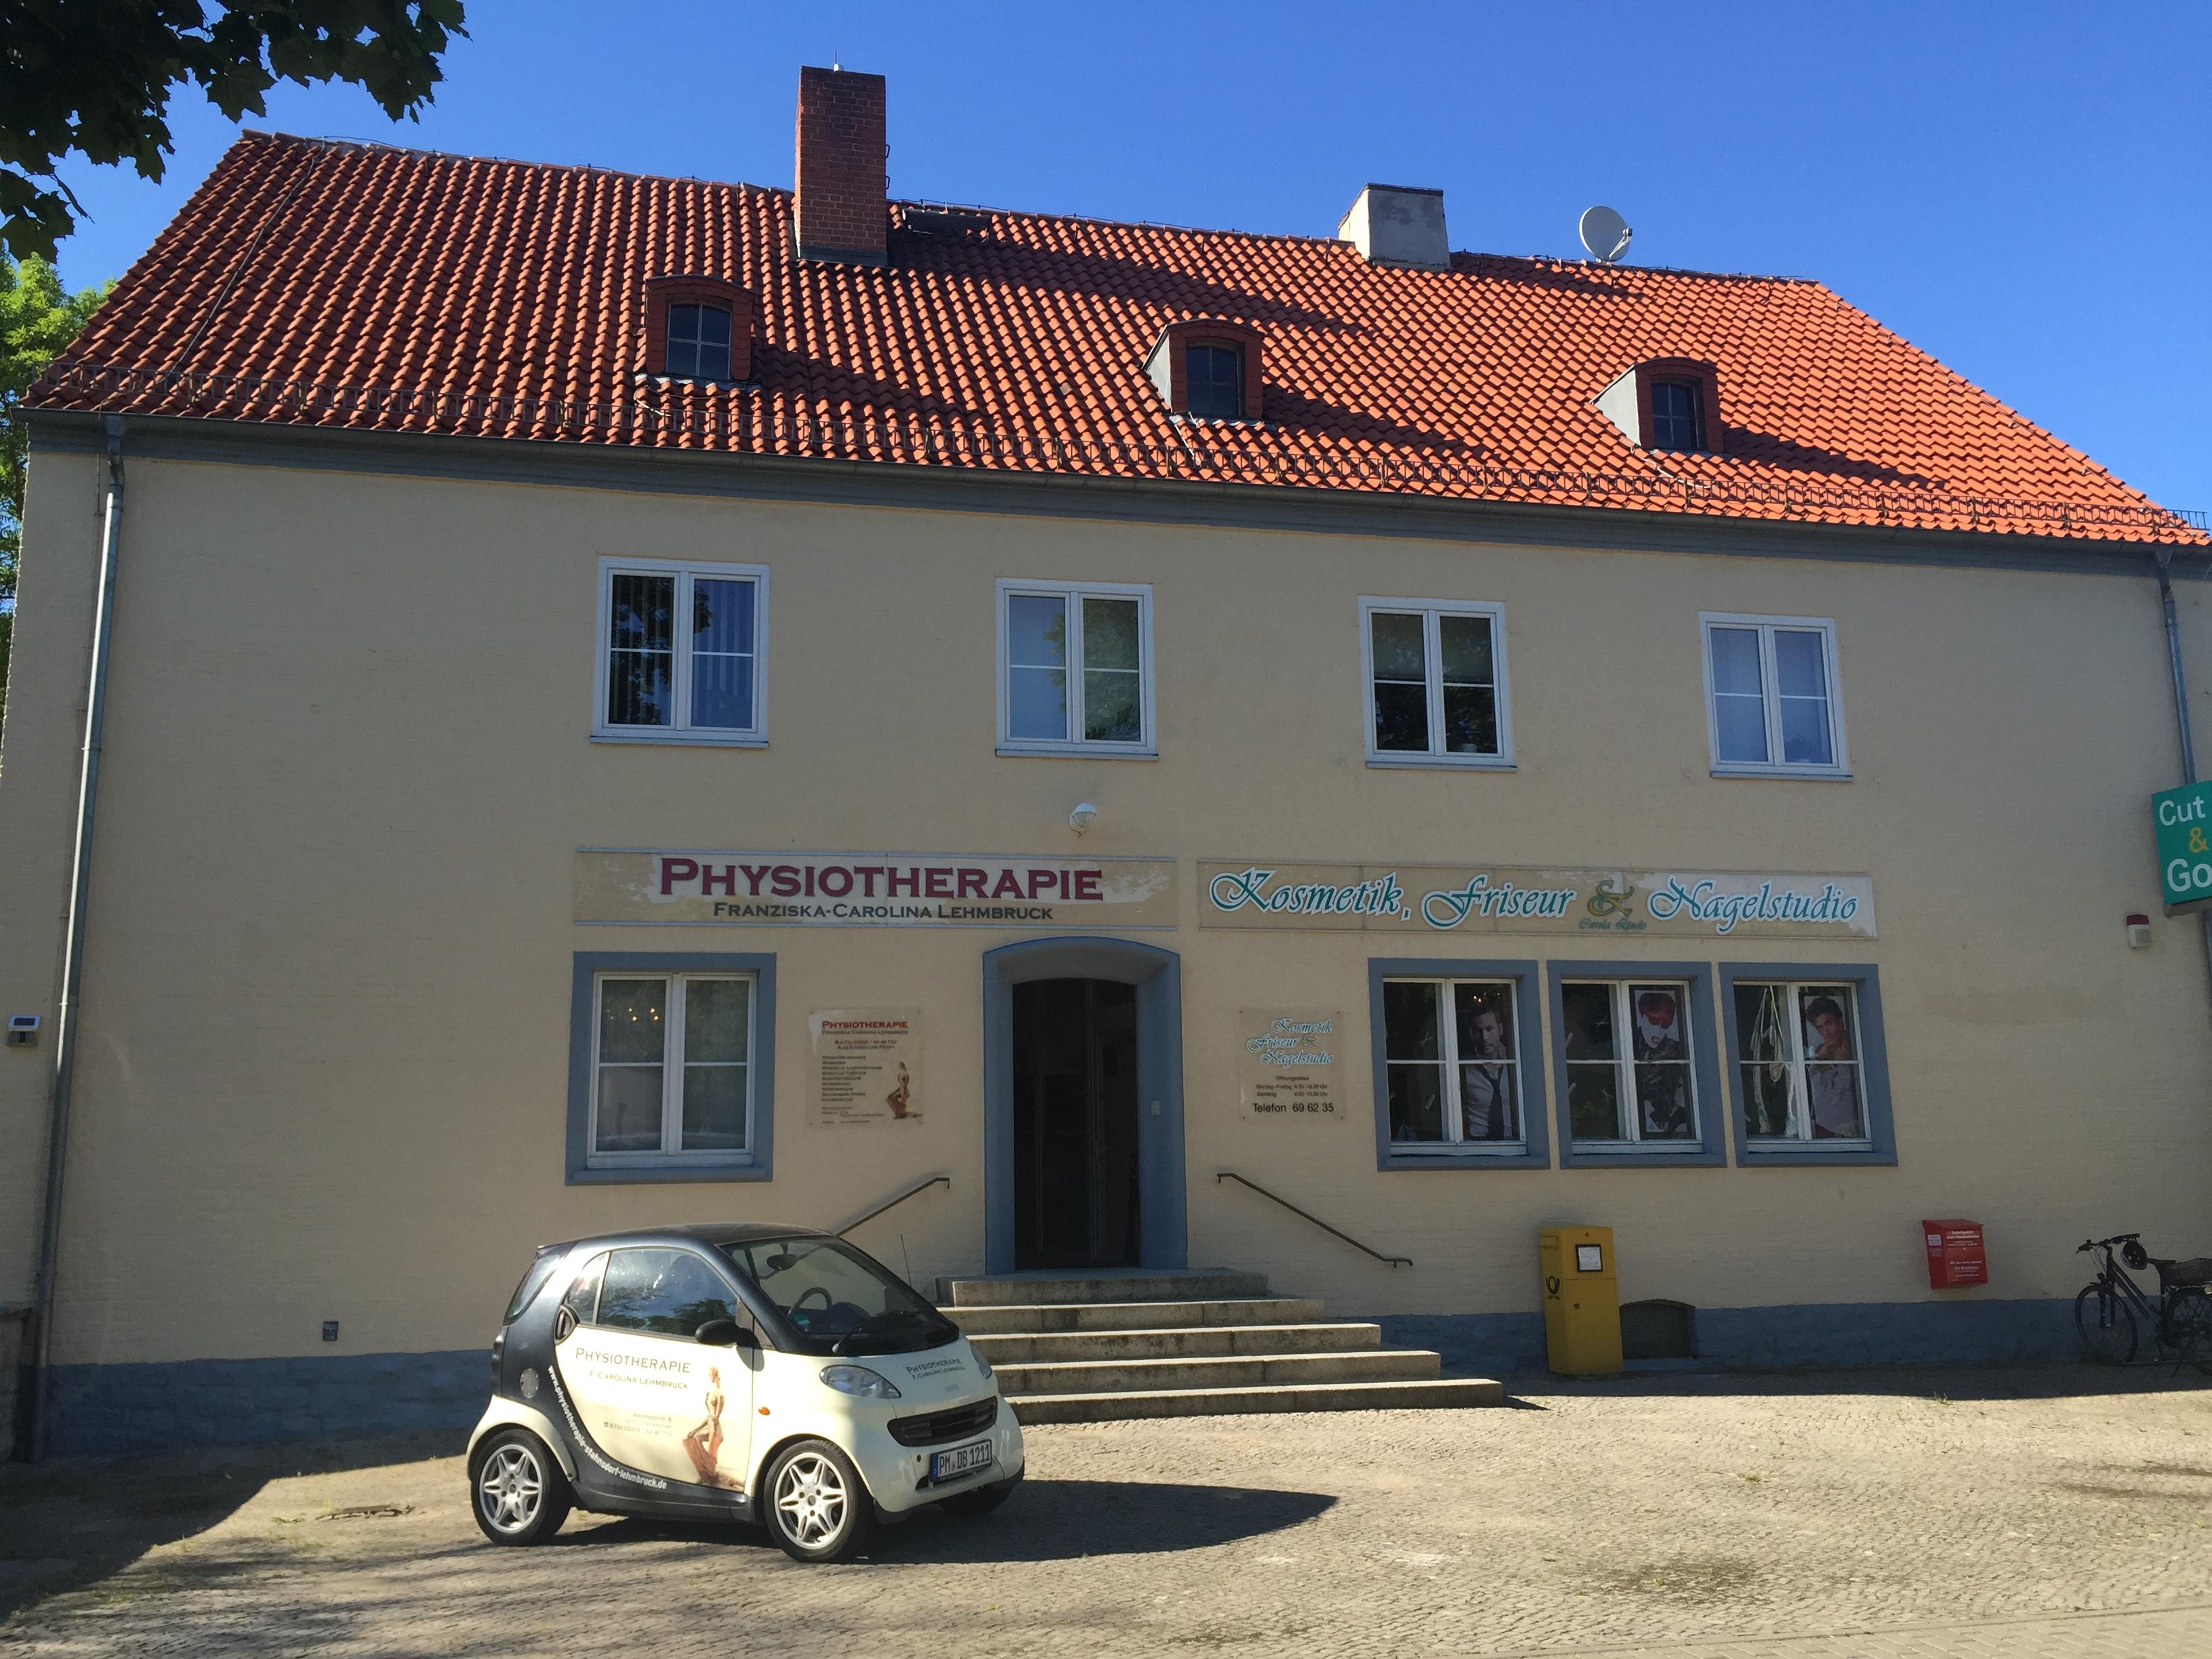 Physiotherapie Stahnsdorf 14532